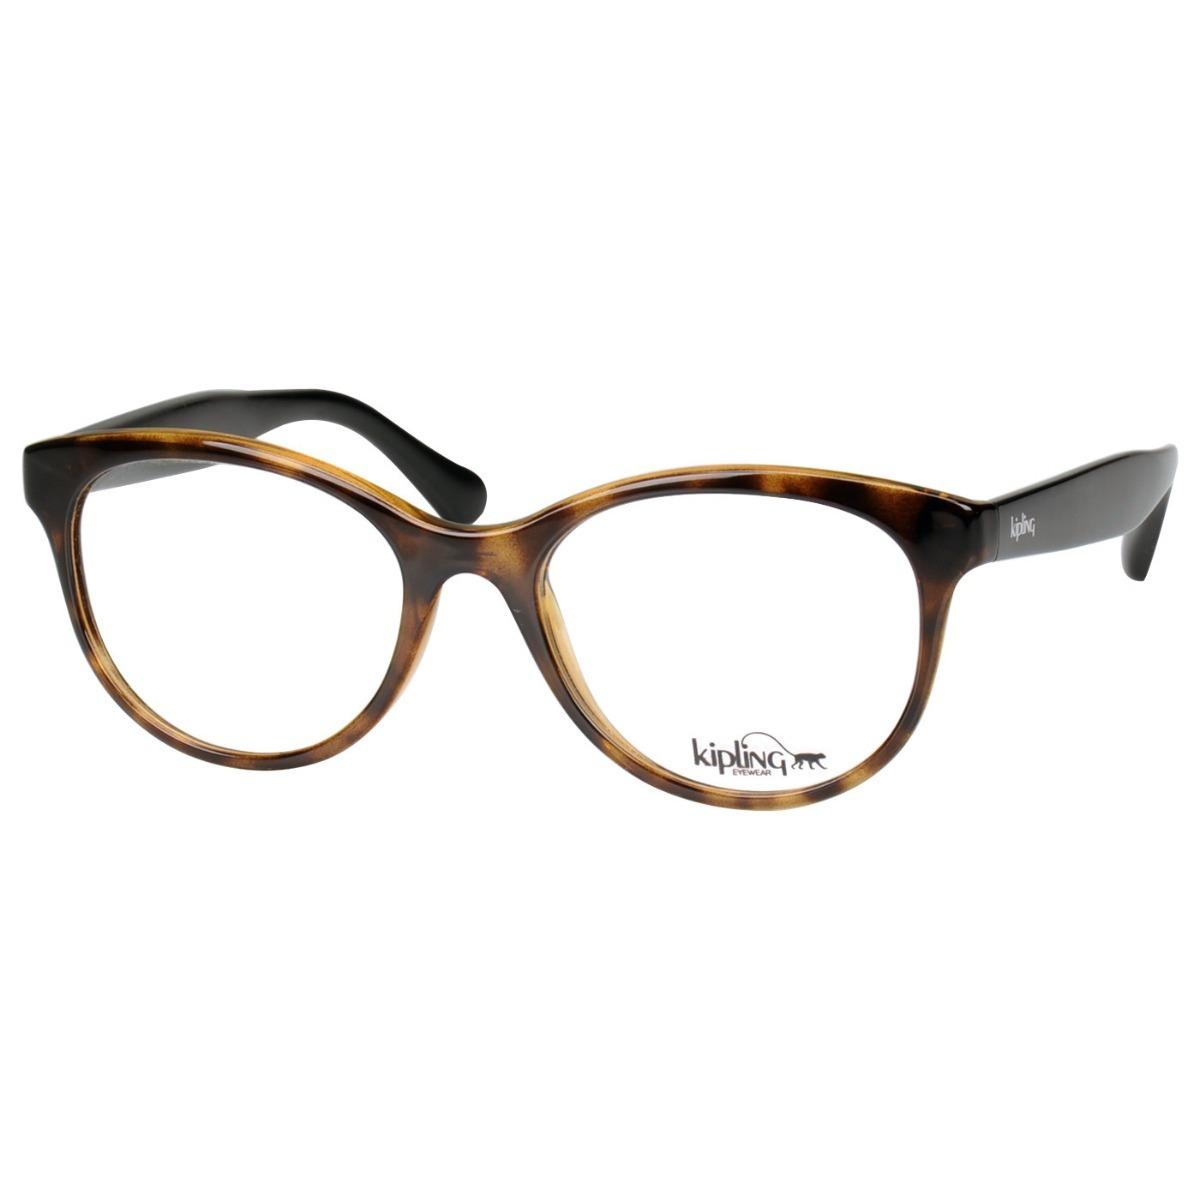 f6ae1ca2ec Lente Kipling Oftalmico 3088 F278 - $ 1,000.00 en Mercado Libre